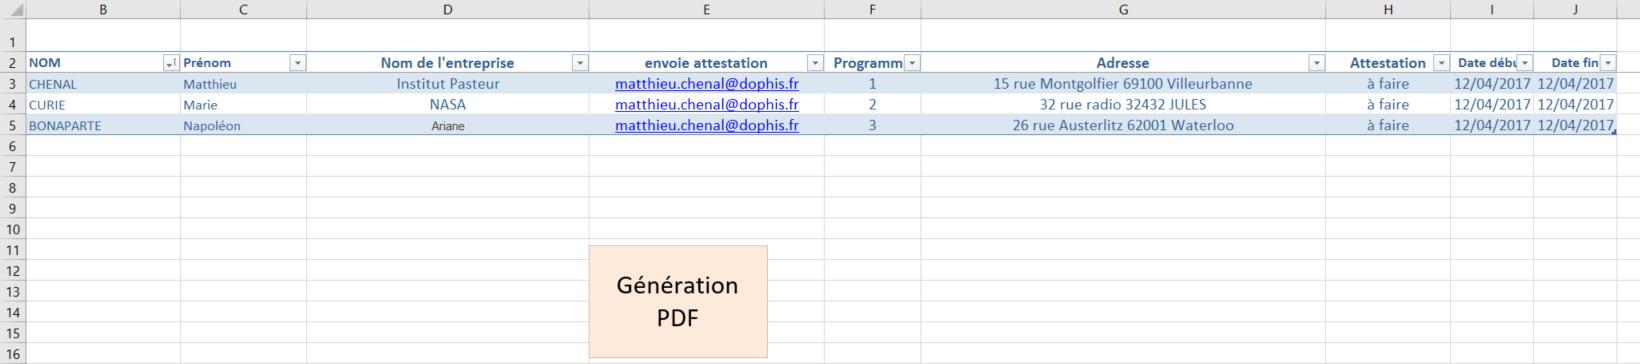 attestation-formation-pdf